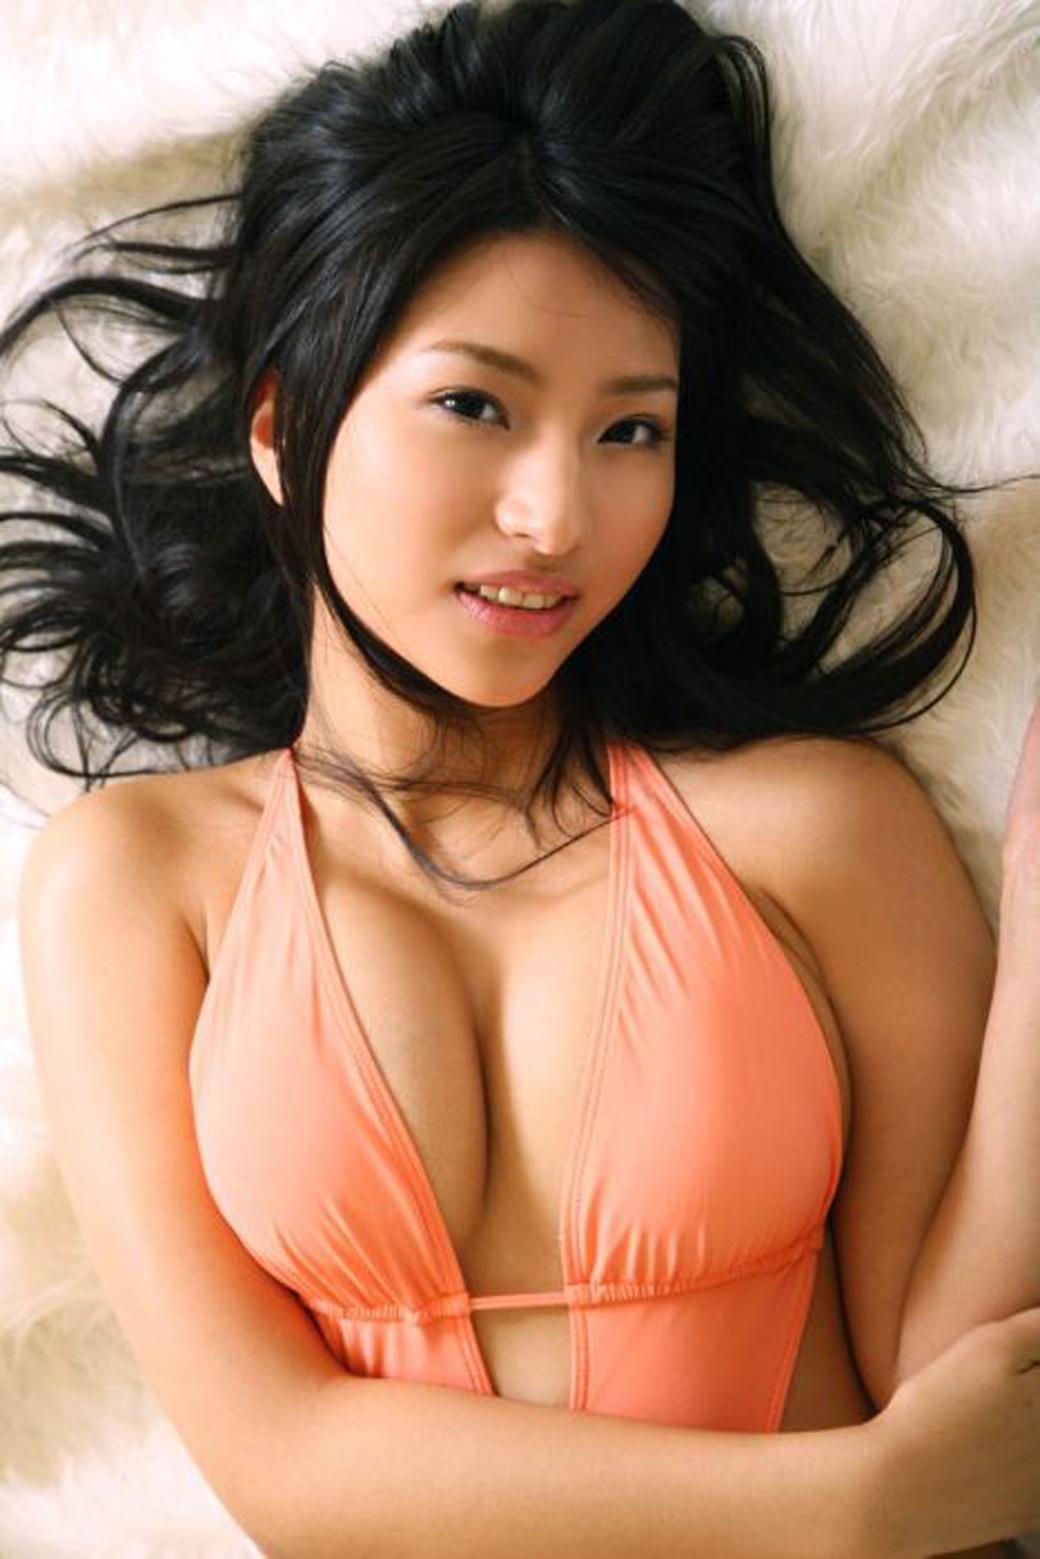 korean sexy nude artis